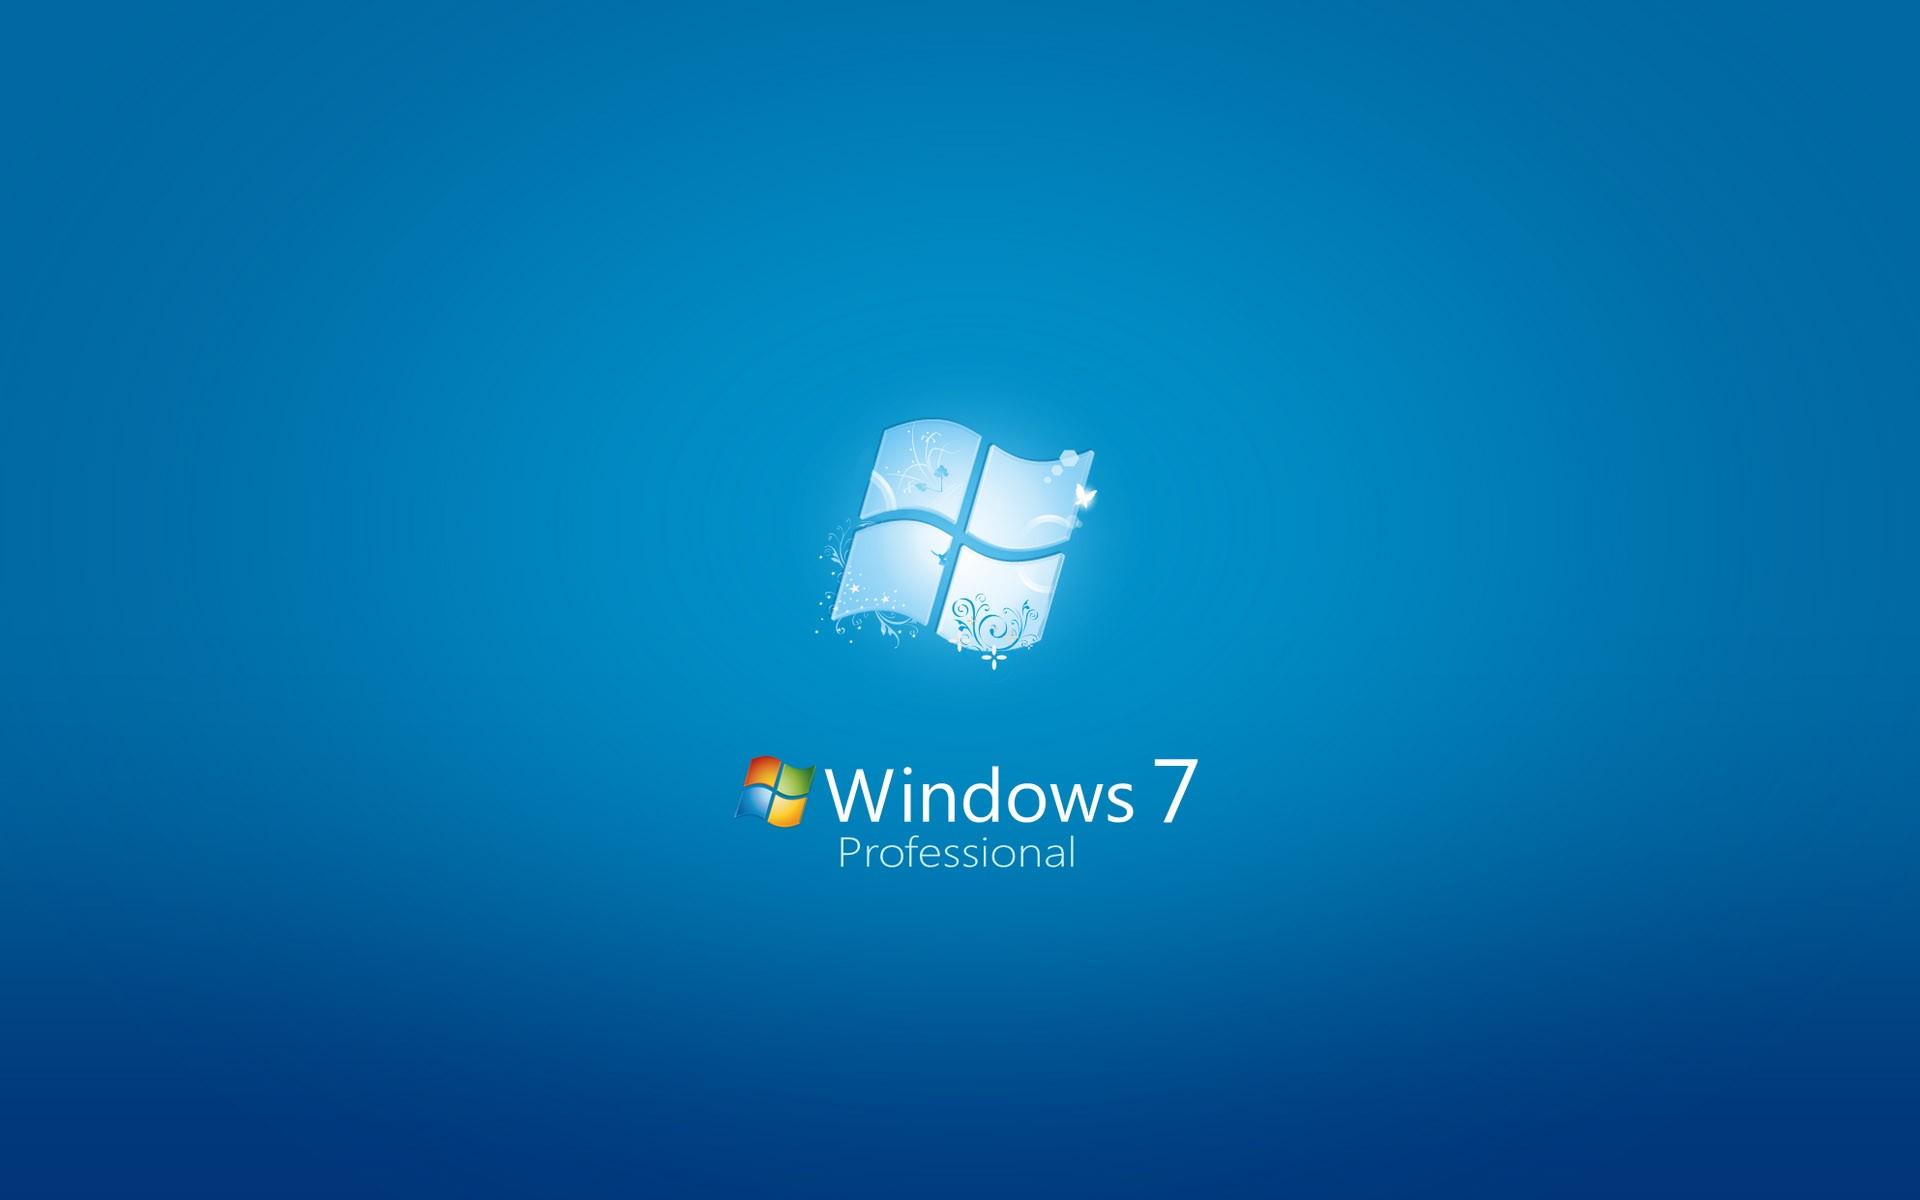 デスクトップ壁紙 図 テキスト ロゴ Microsoft Windows ブランド